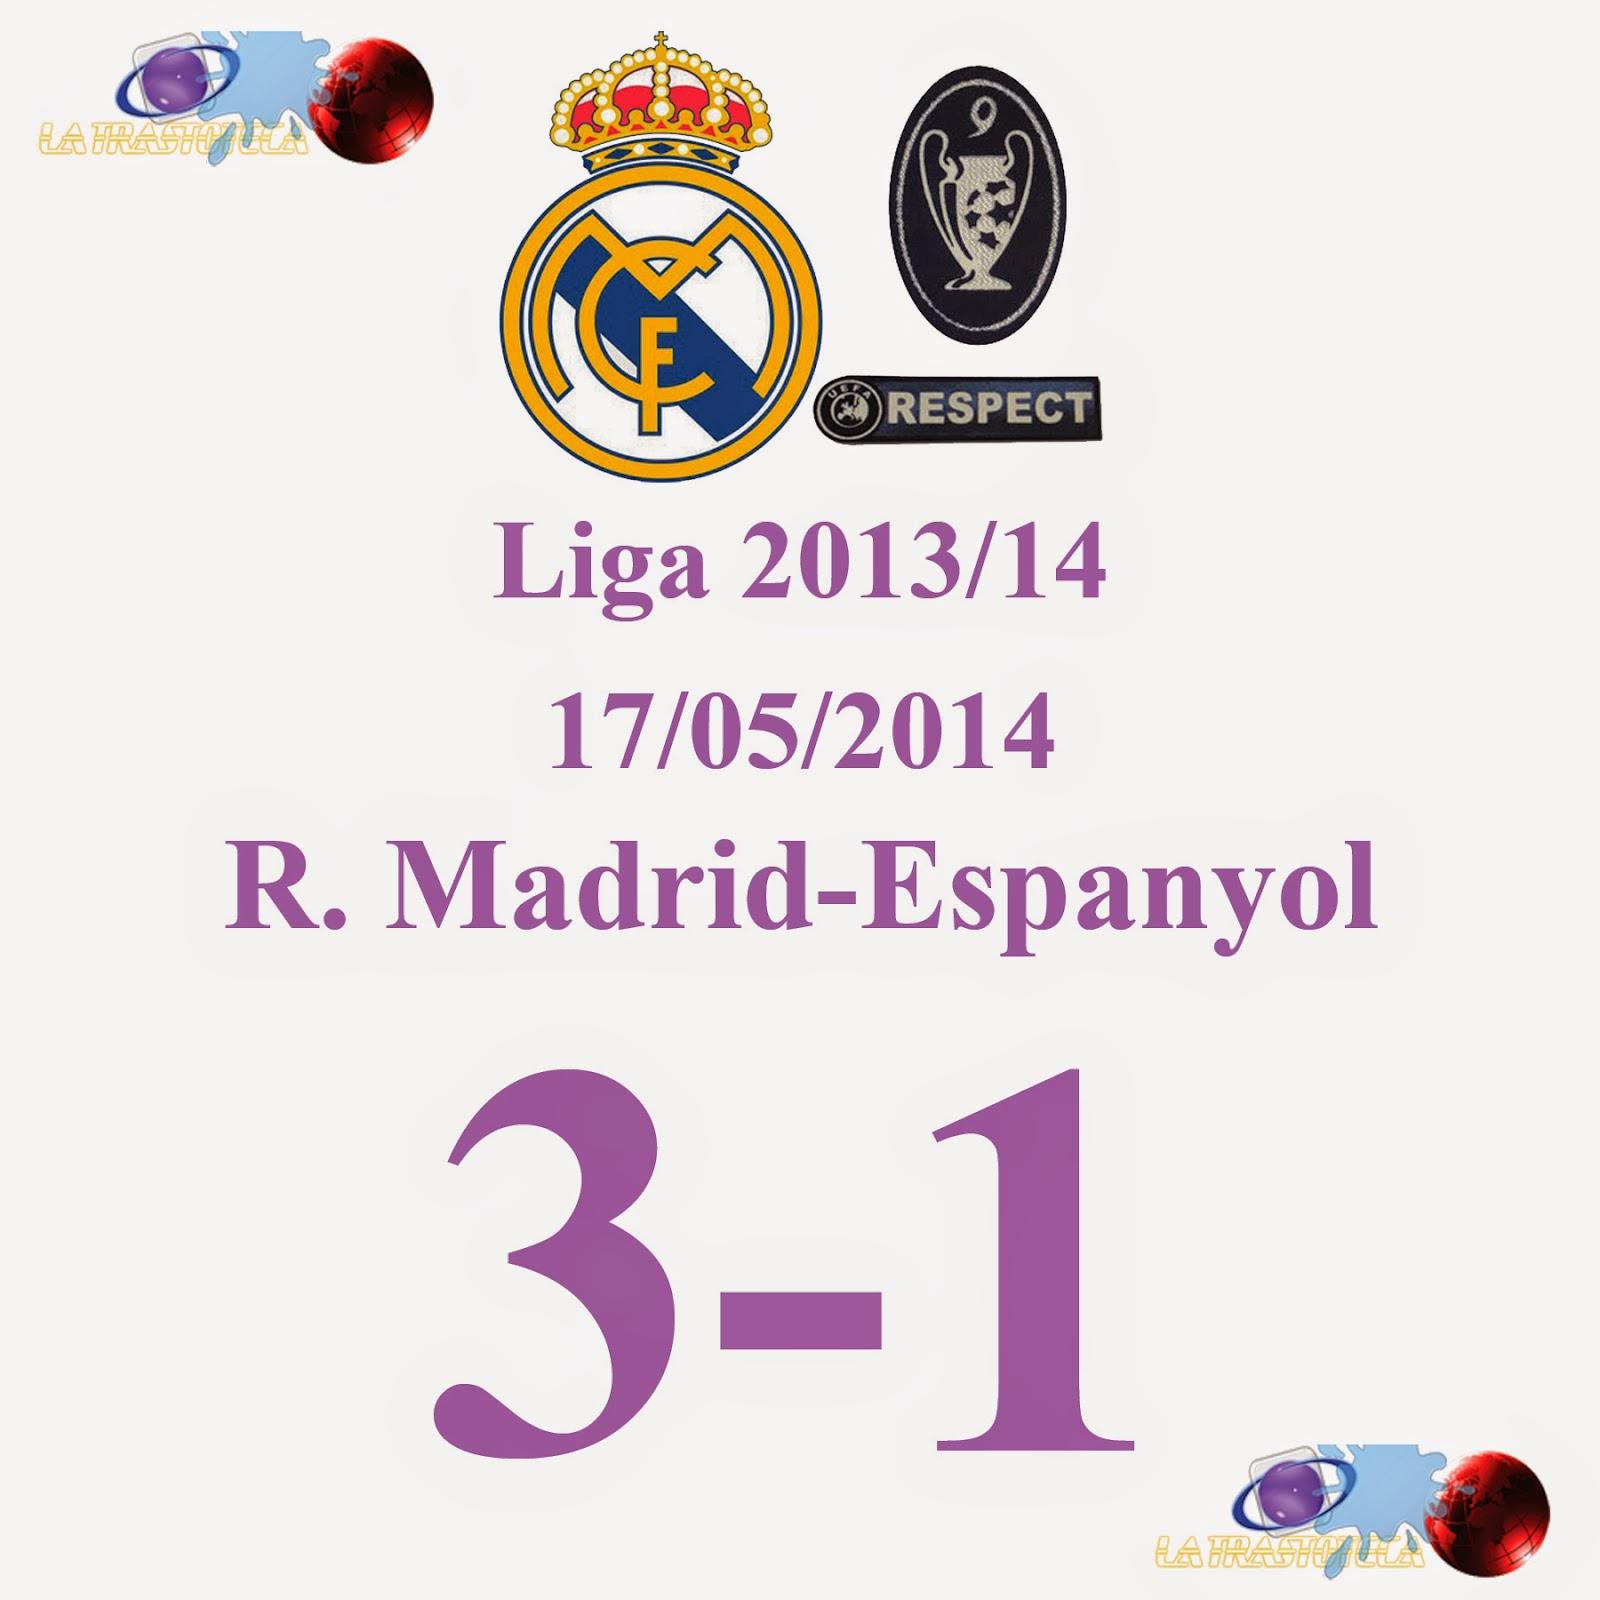 Real Madrid 3 - 1 Espanyol (Jornada 38) 17/05/2014 Cristiano Ronaldo consigue el Balón de Oro